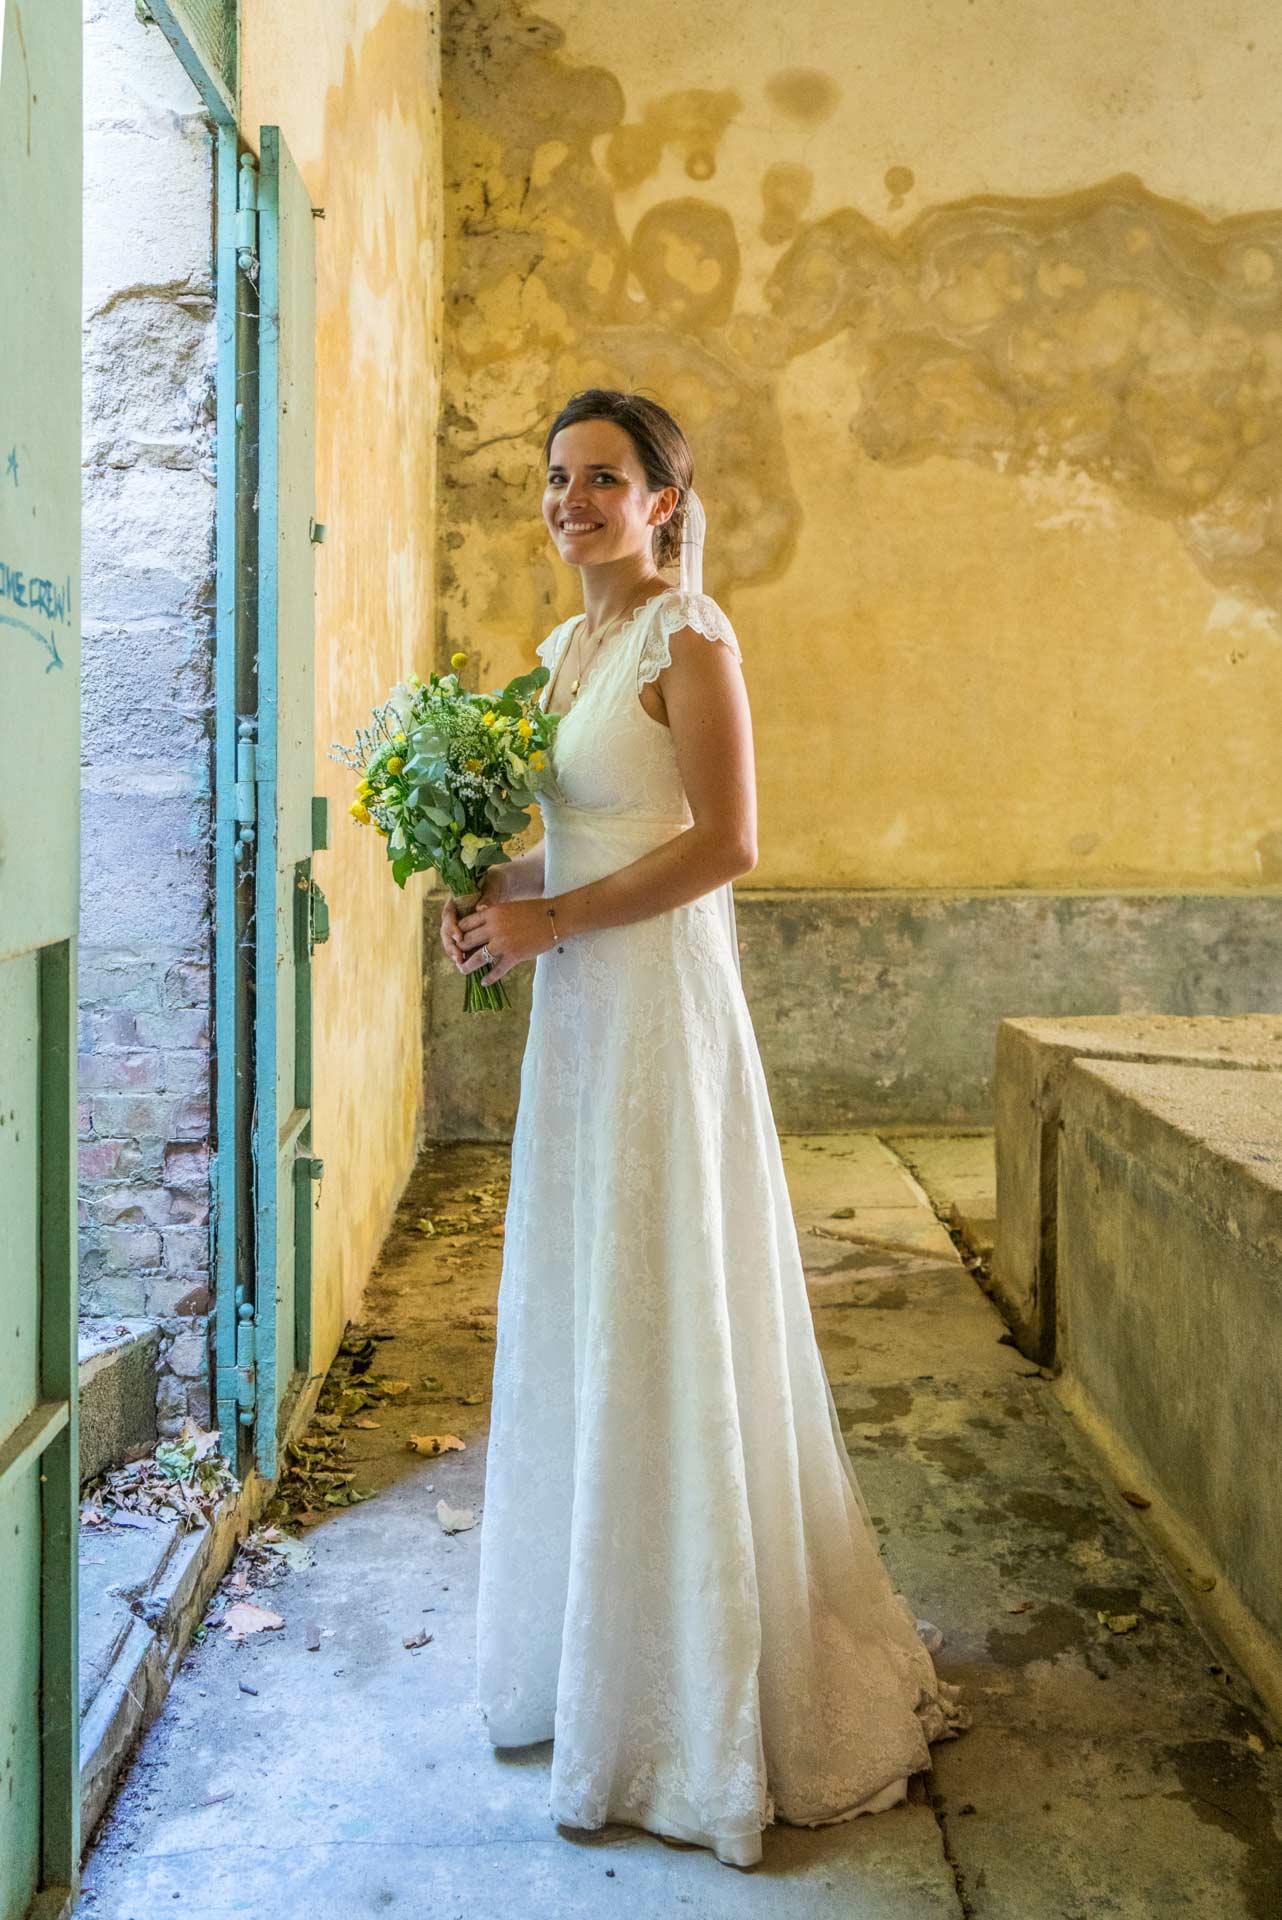 La mariée dans un ancien lavoire, tenant son bouquet.